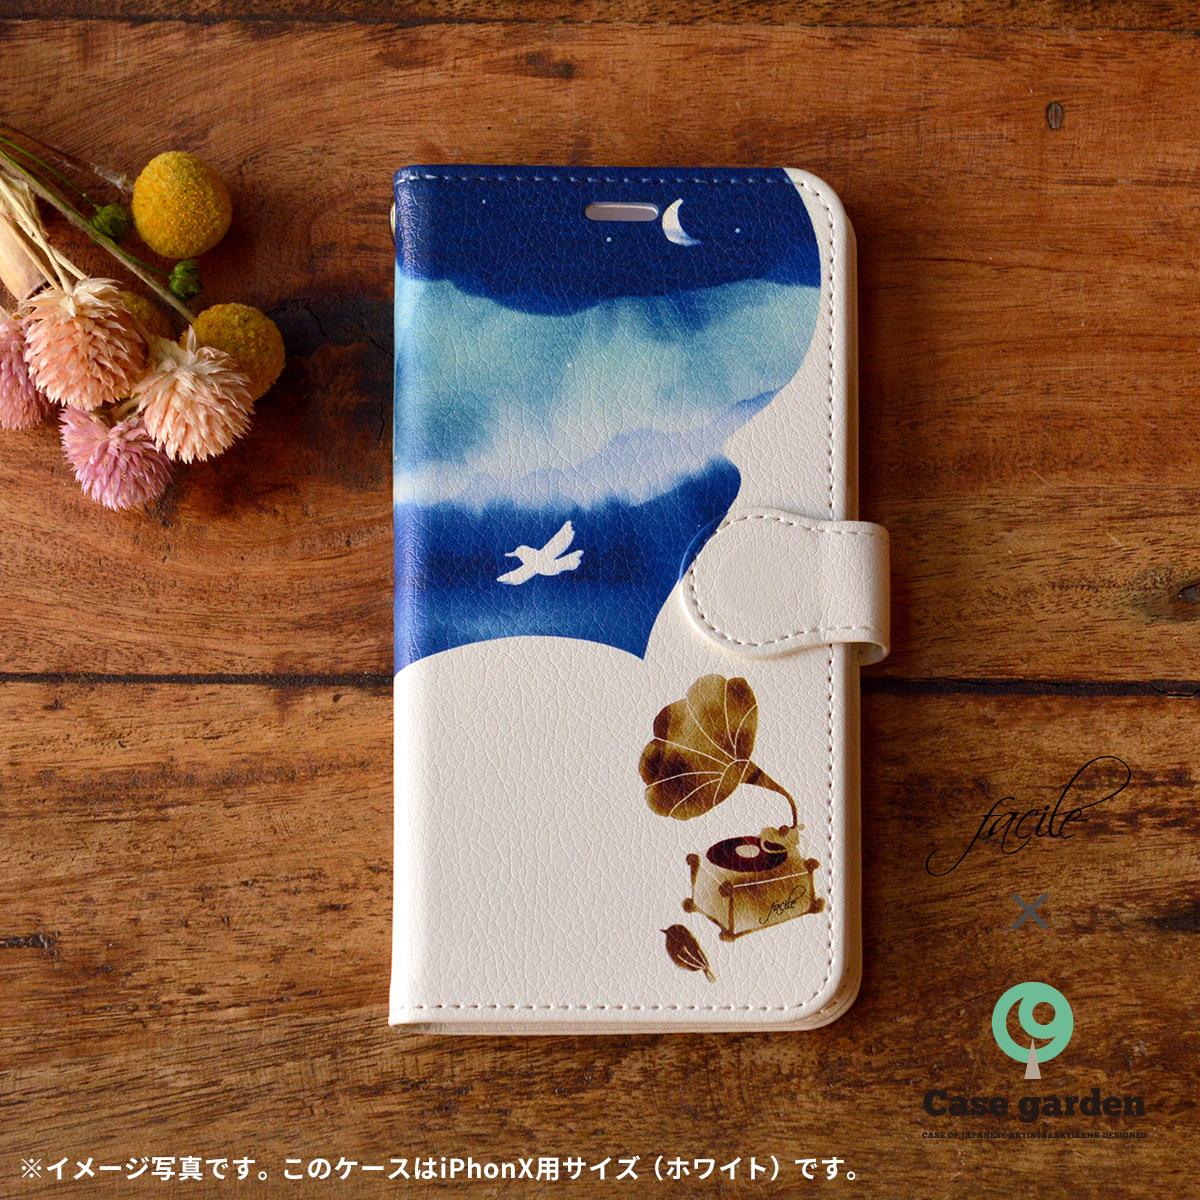 iphone8 スマホケース おしゃれ iphone8 ケース 手帳 大人かわいい iphone x ケース 手帳型 おしゃれ アイフォンテン ケース 手帳型 全機種対応 星空 冬に奏でる夜空/facile×ケースガーデン